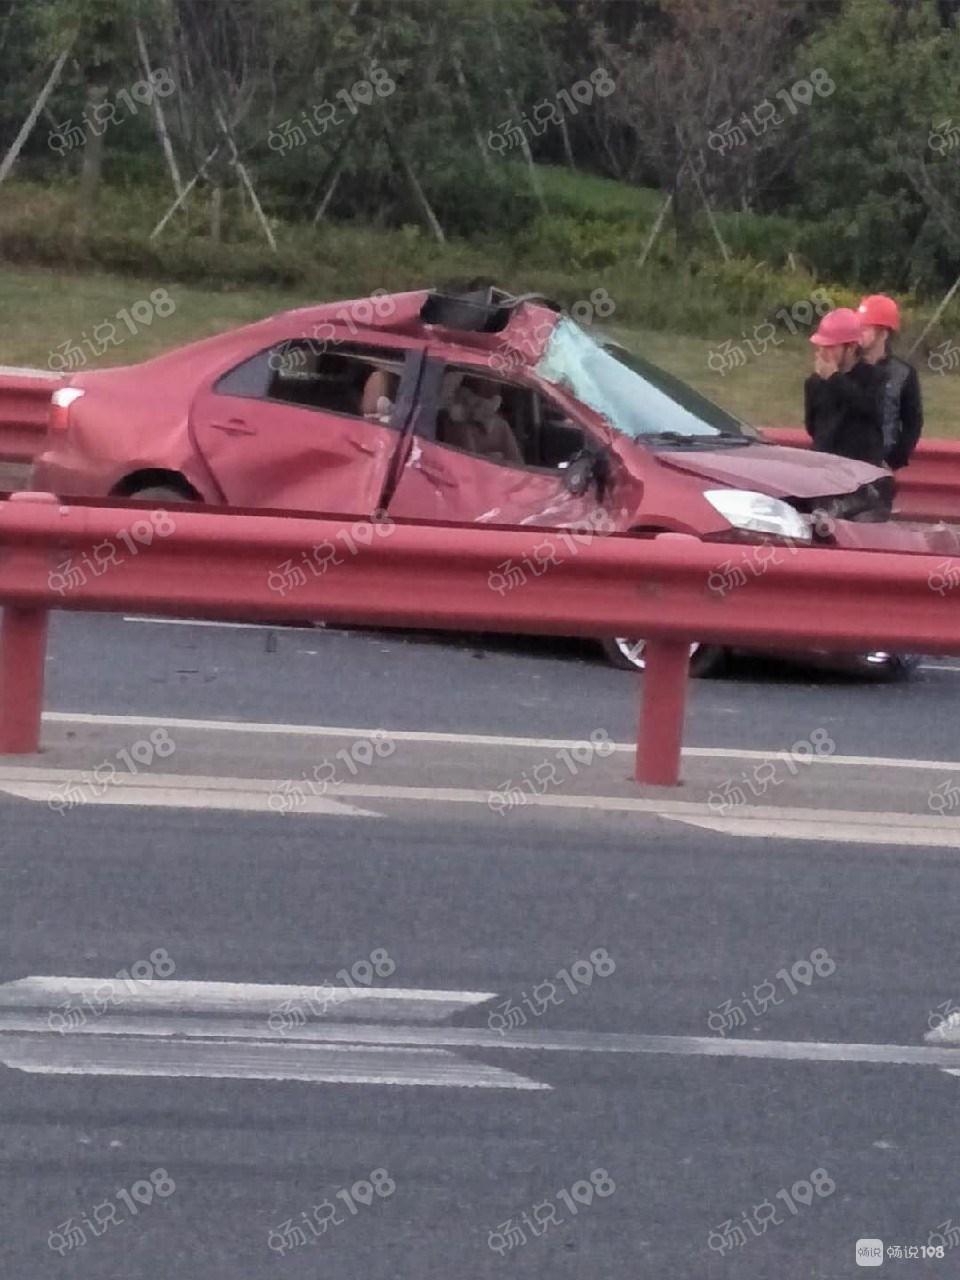 剛剛!德清這地發生嚴重車禍,一紅色汽車基本報廢了!